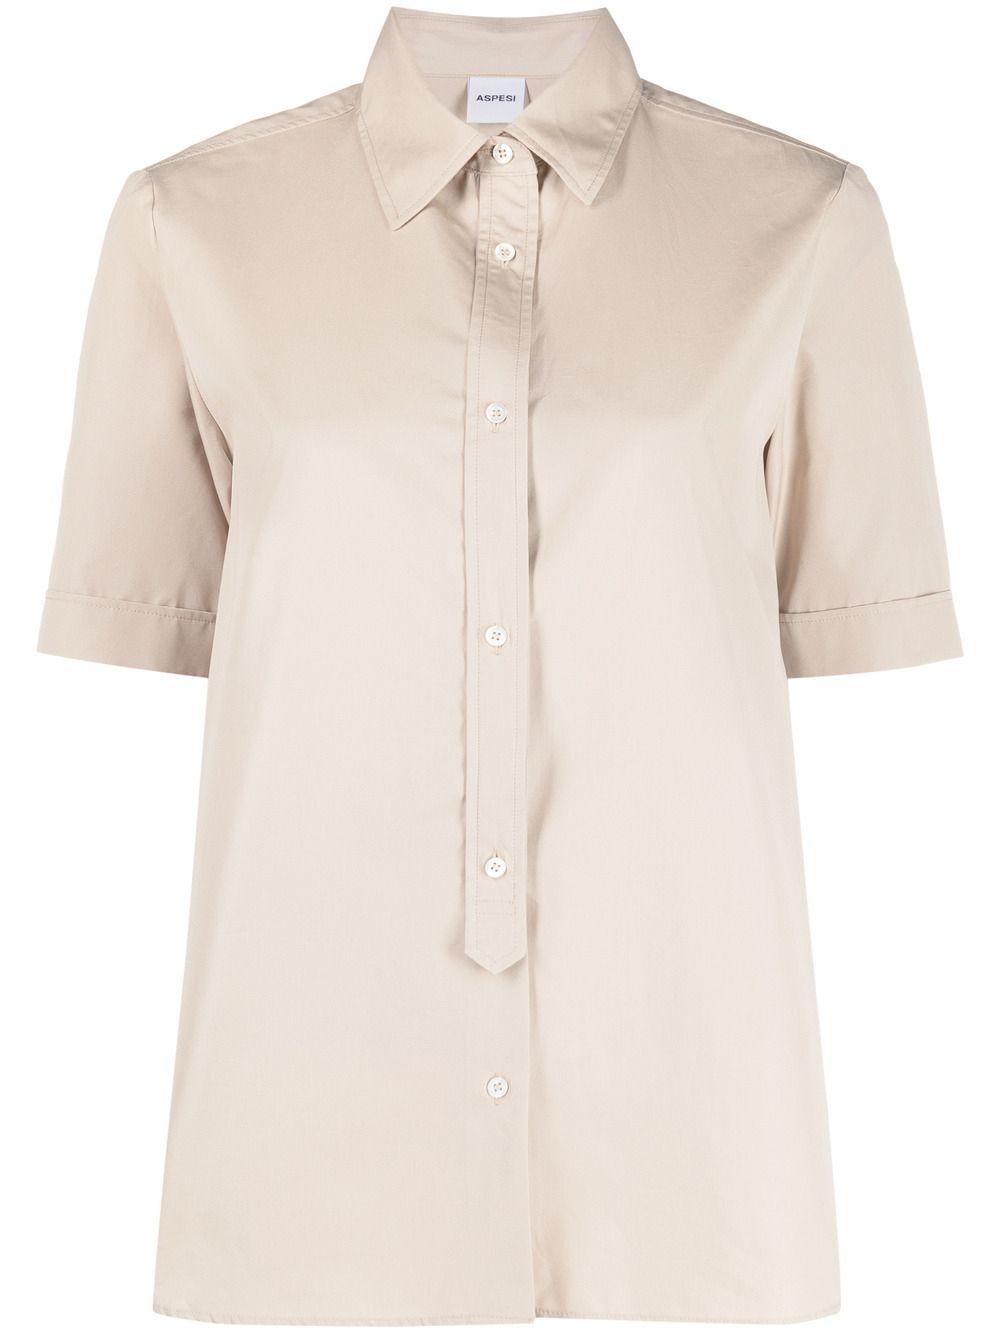 Beige cotton short-sleeved button placket shirt  ASPESI |  | H719-D30785186